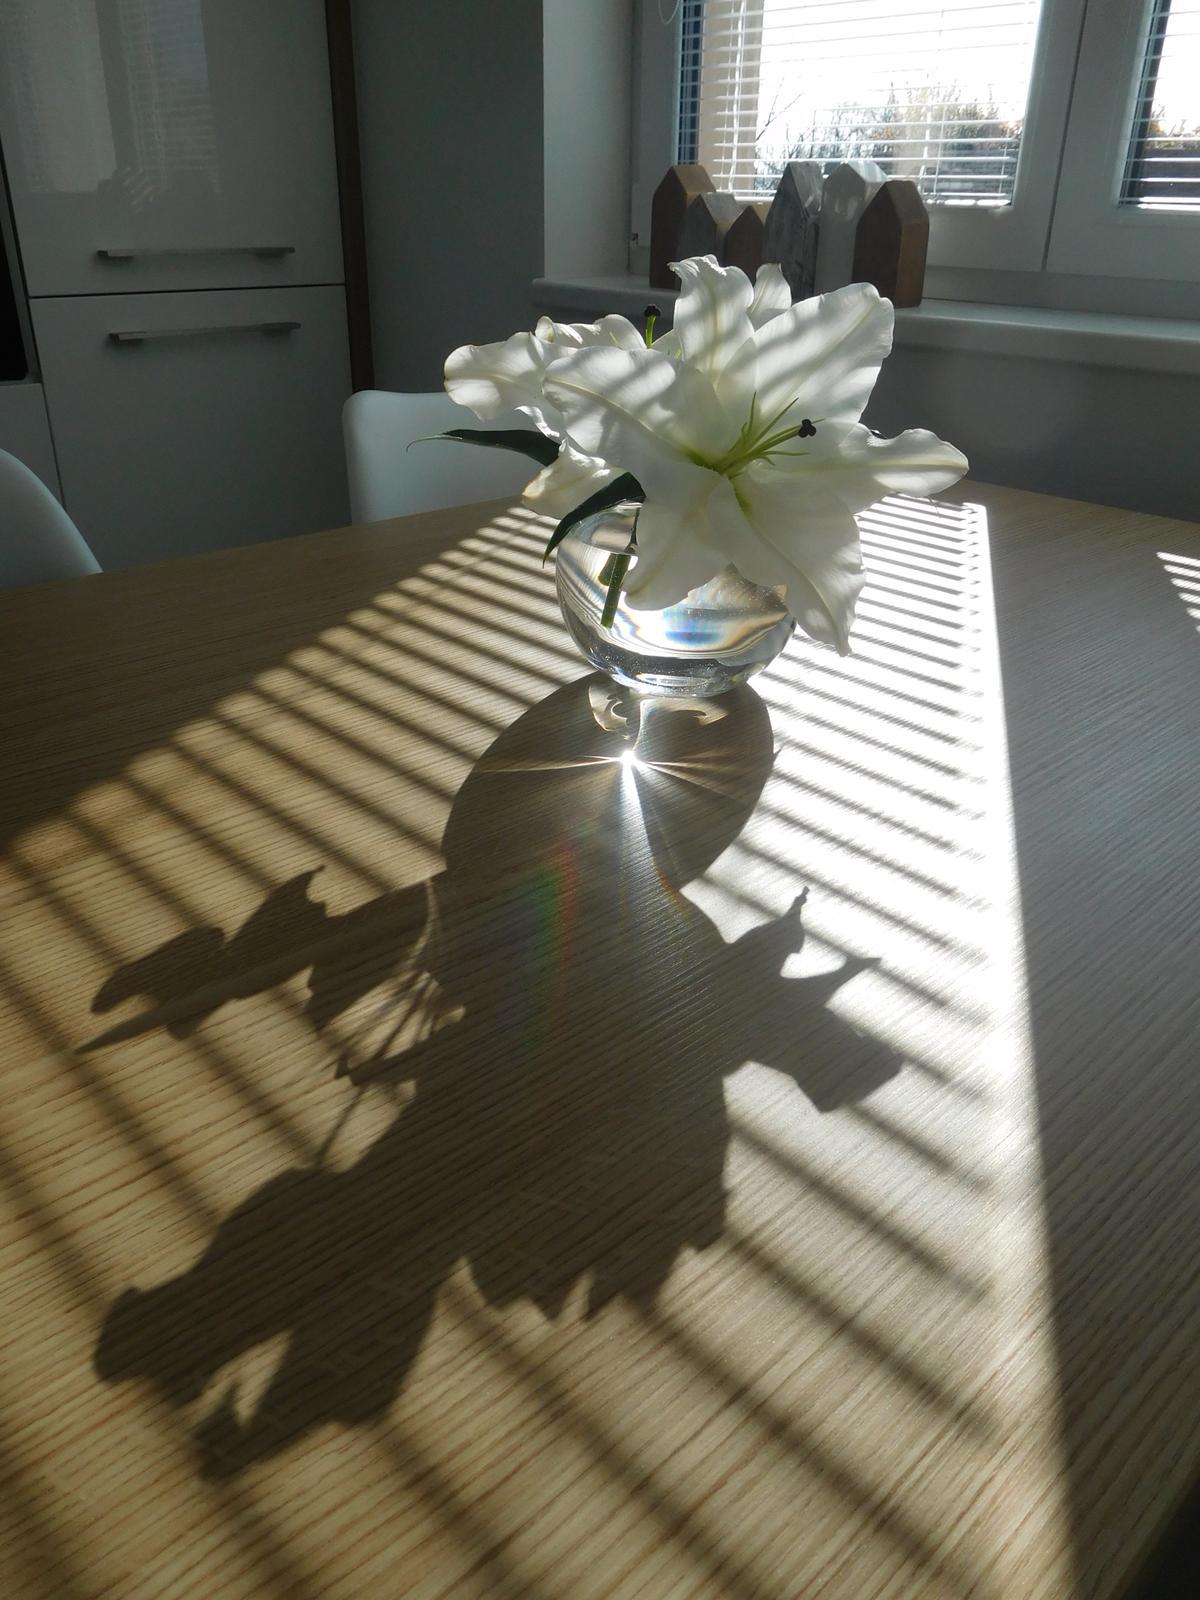 Náš nový domov - Dnešní ranní sluníčko svítilo nádherně!